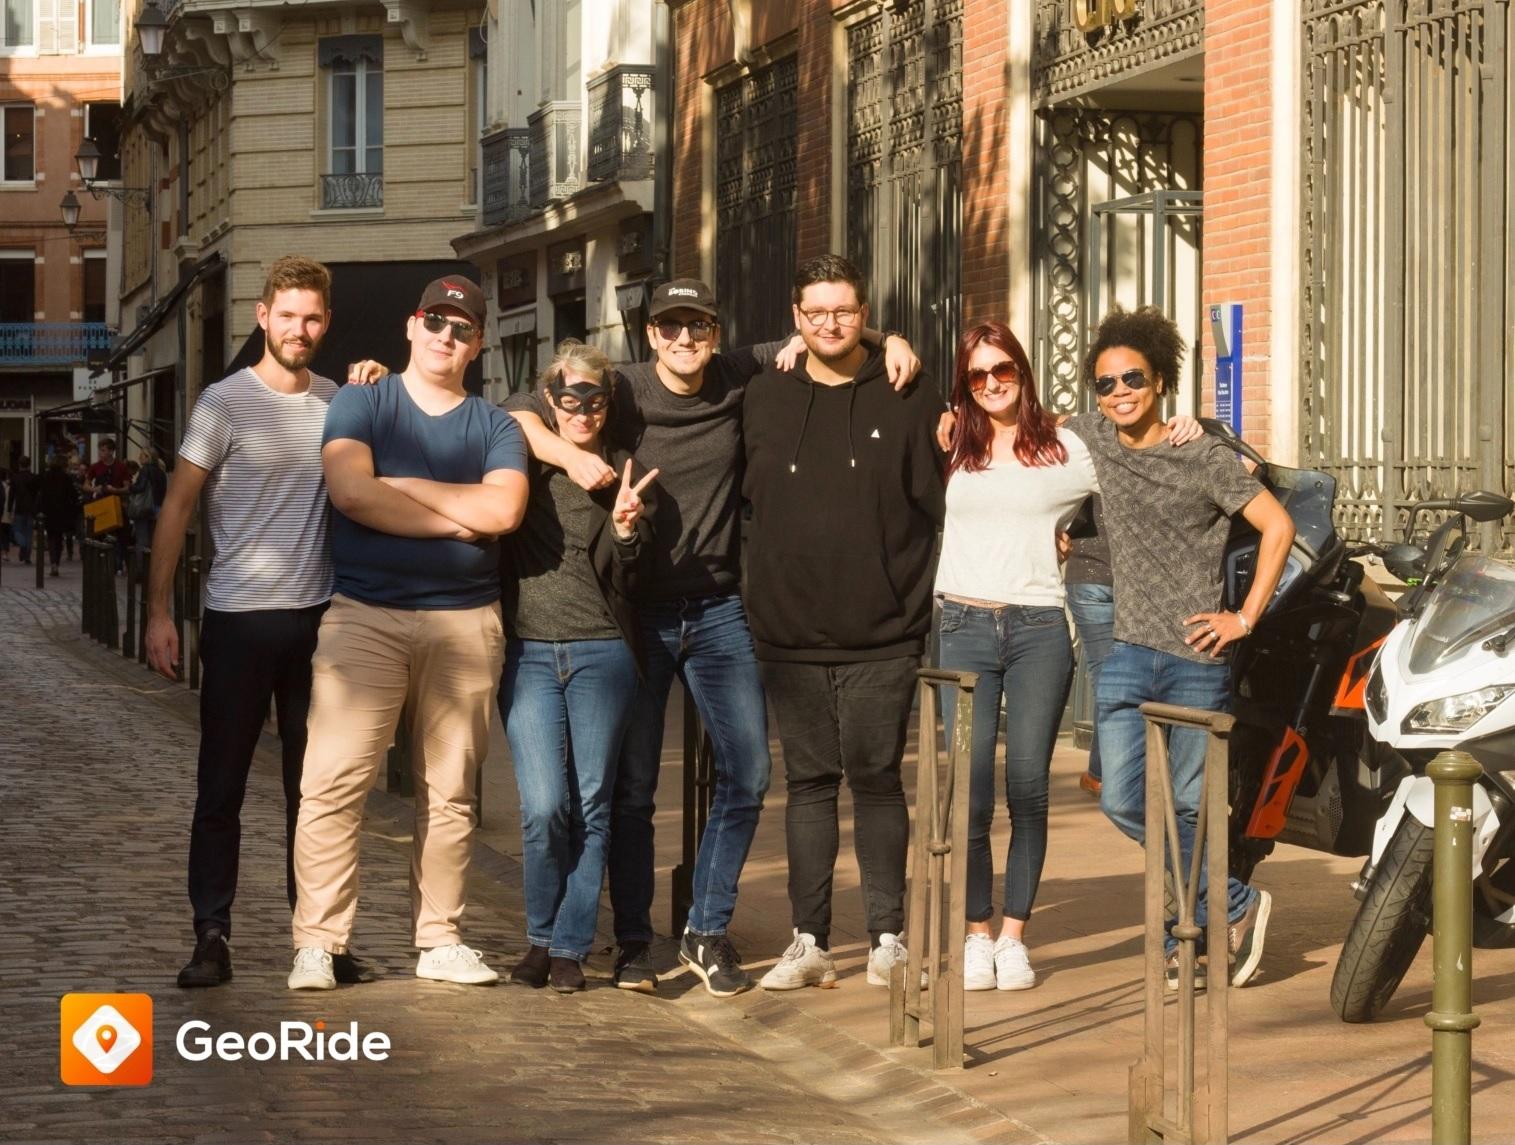 Equipe GeoRide, surtout des passionnés